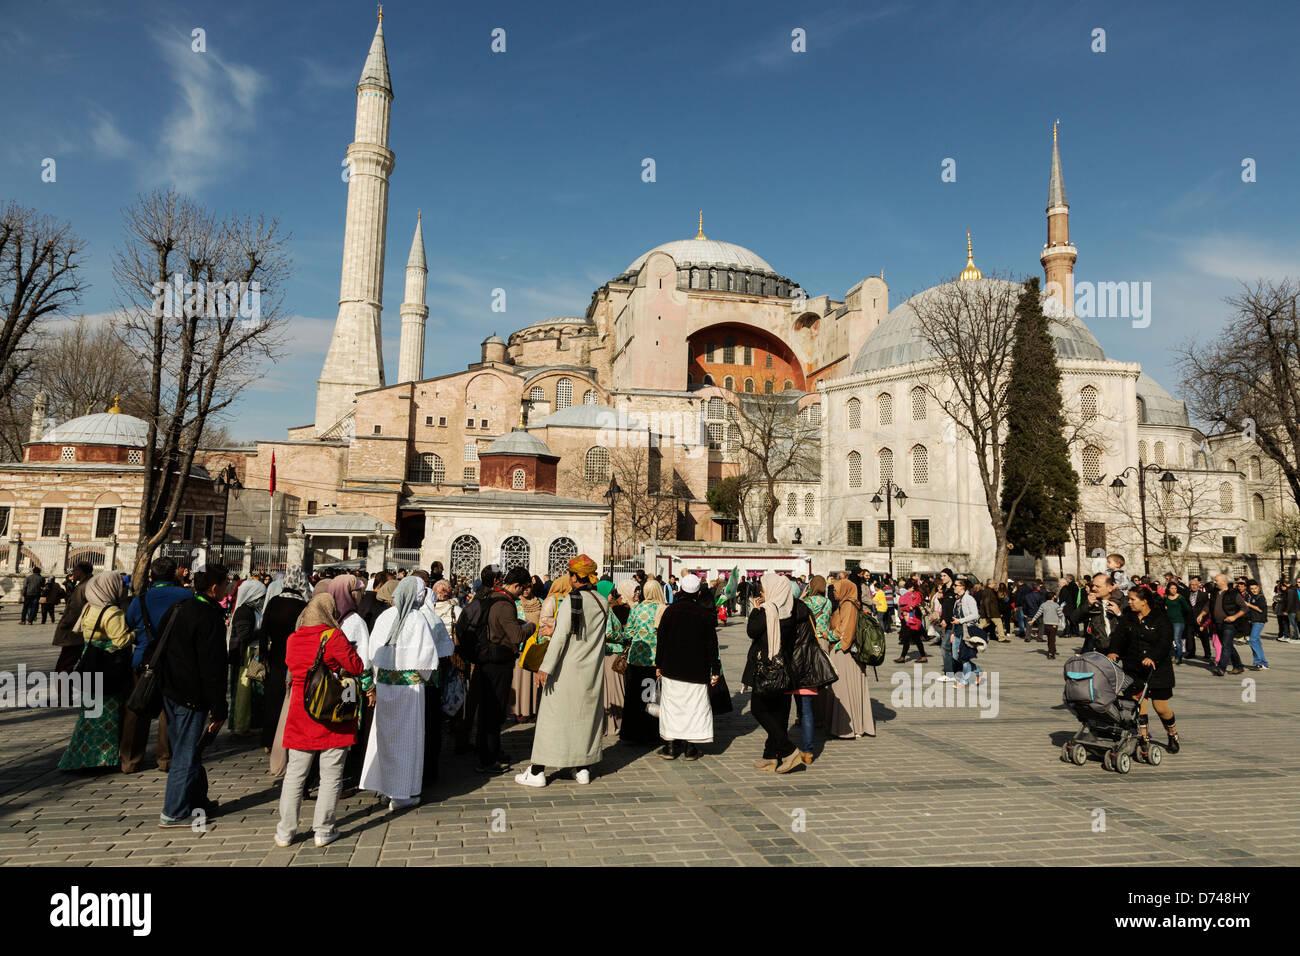 Touristen außerhalb der Wahrzeichen von Istanbul Hagia Sofia, Türkei. Stockbild